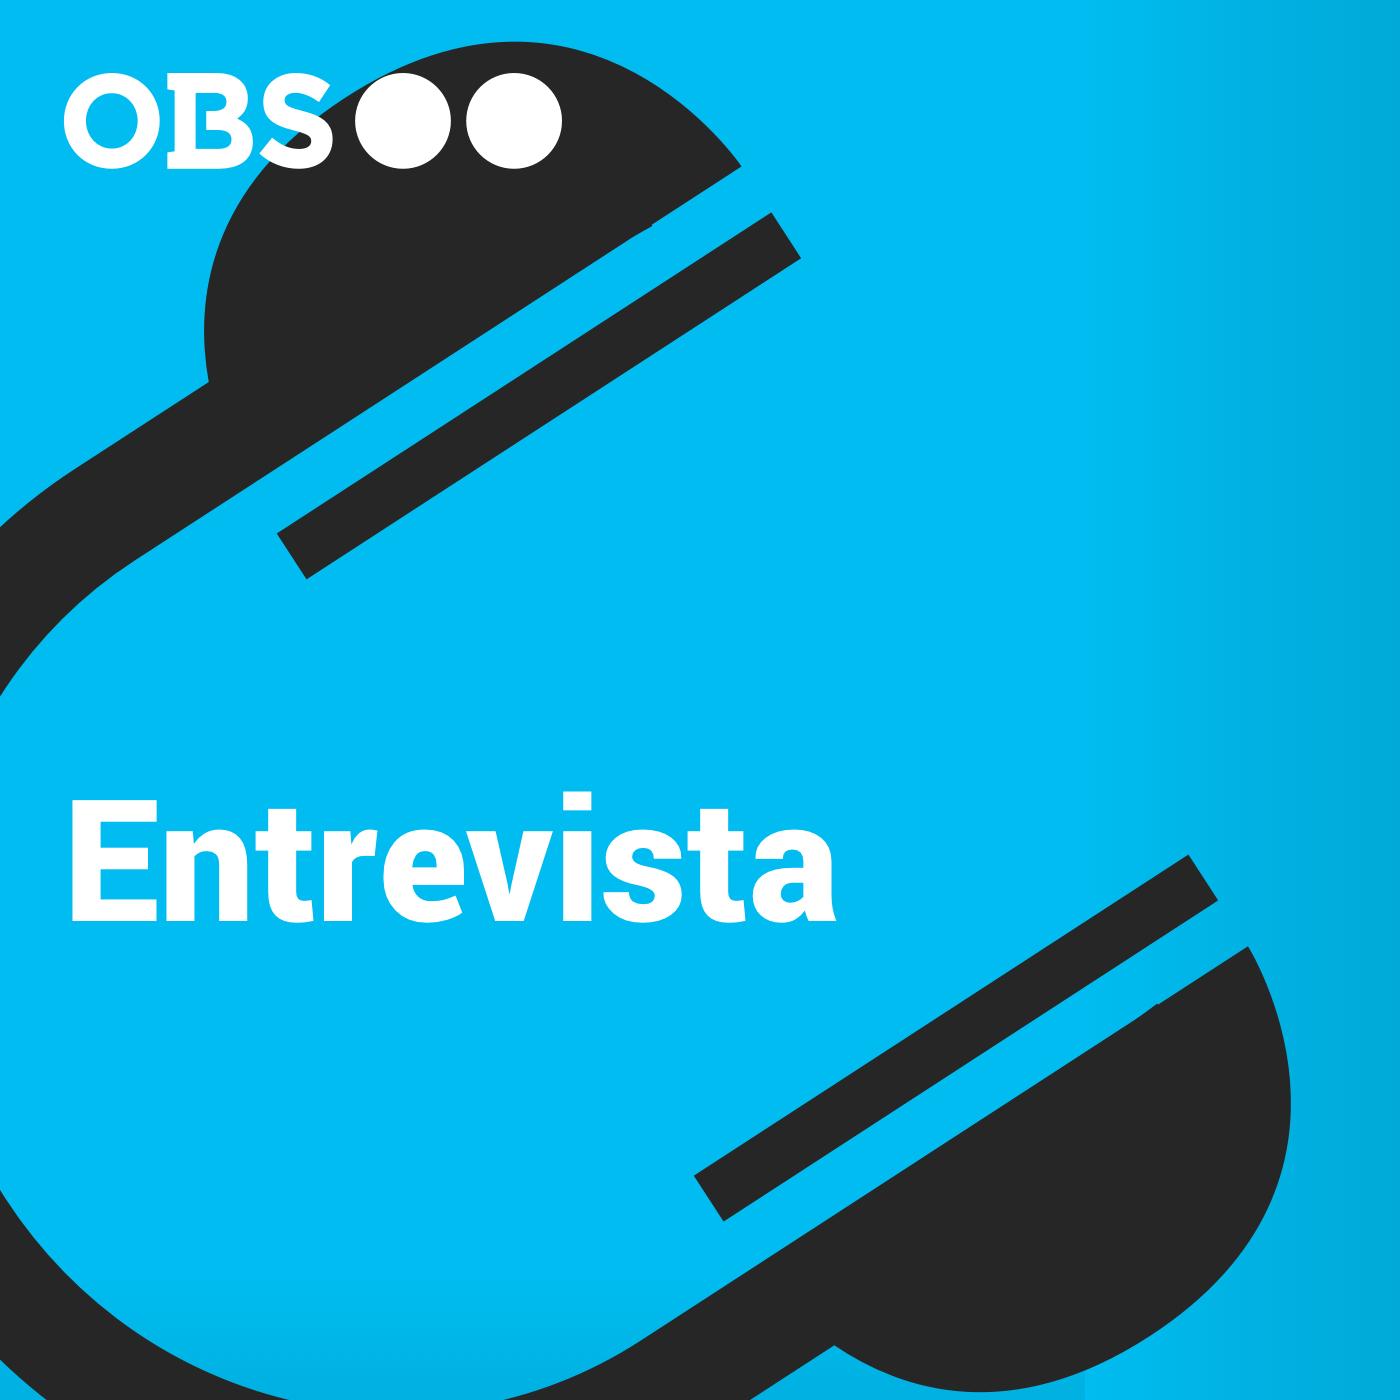 Entrevista - Observador